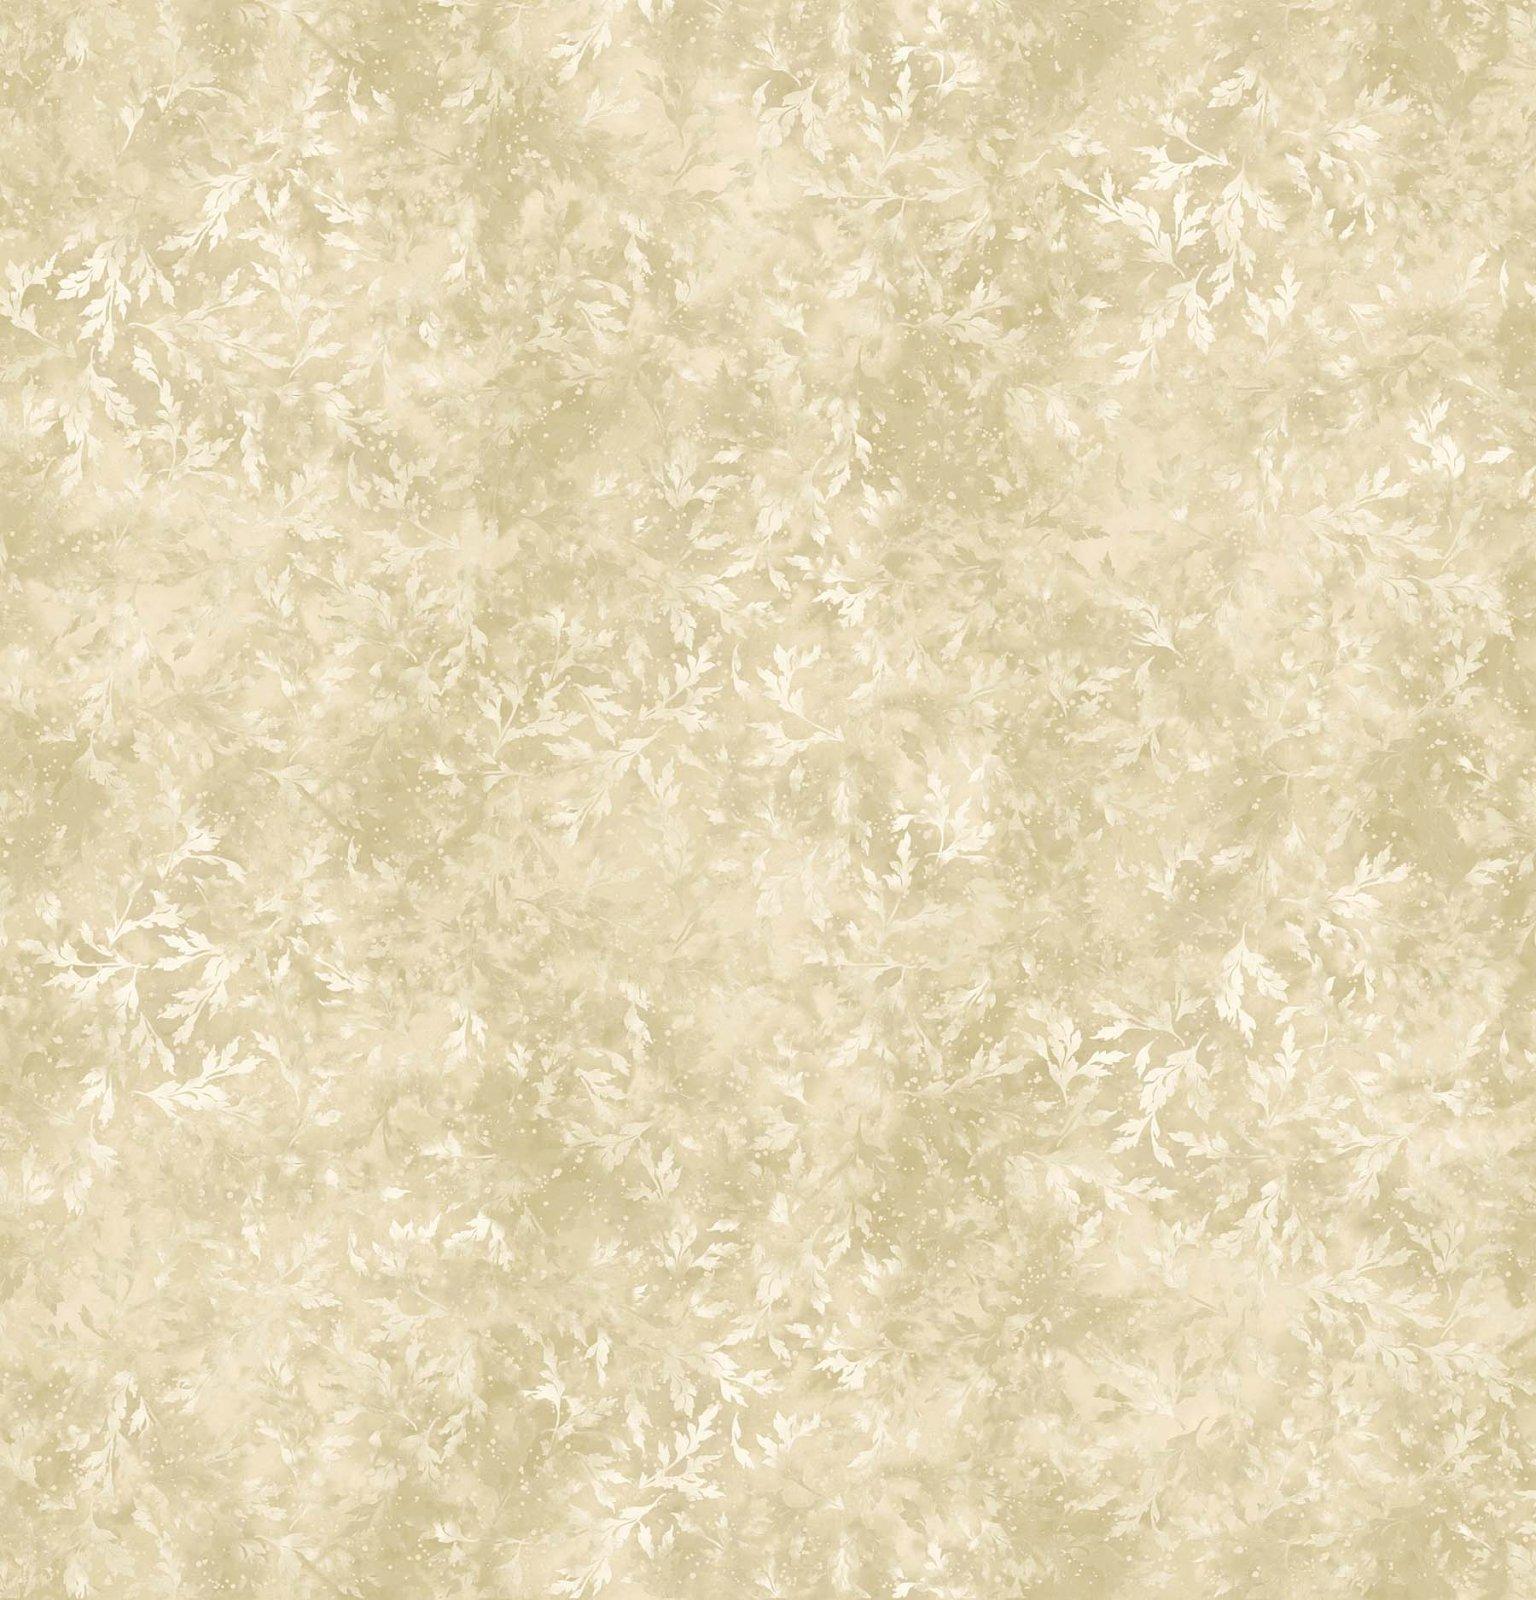 23776 Essence 9025-13 Alabaster